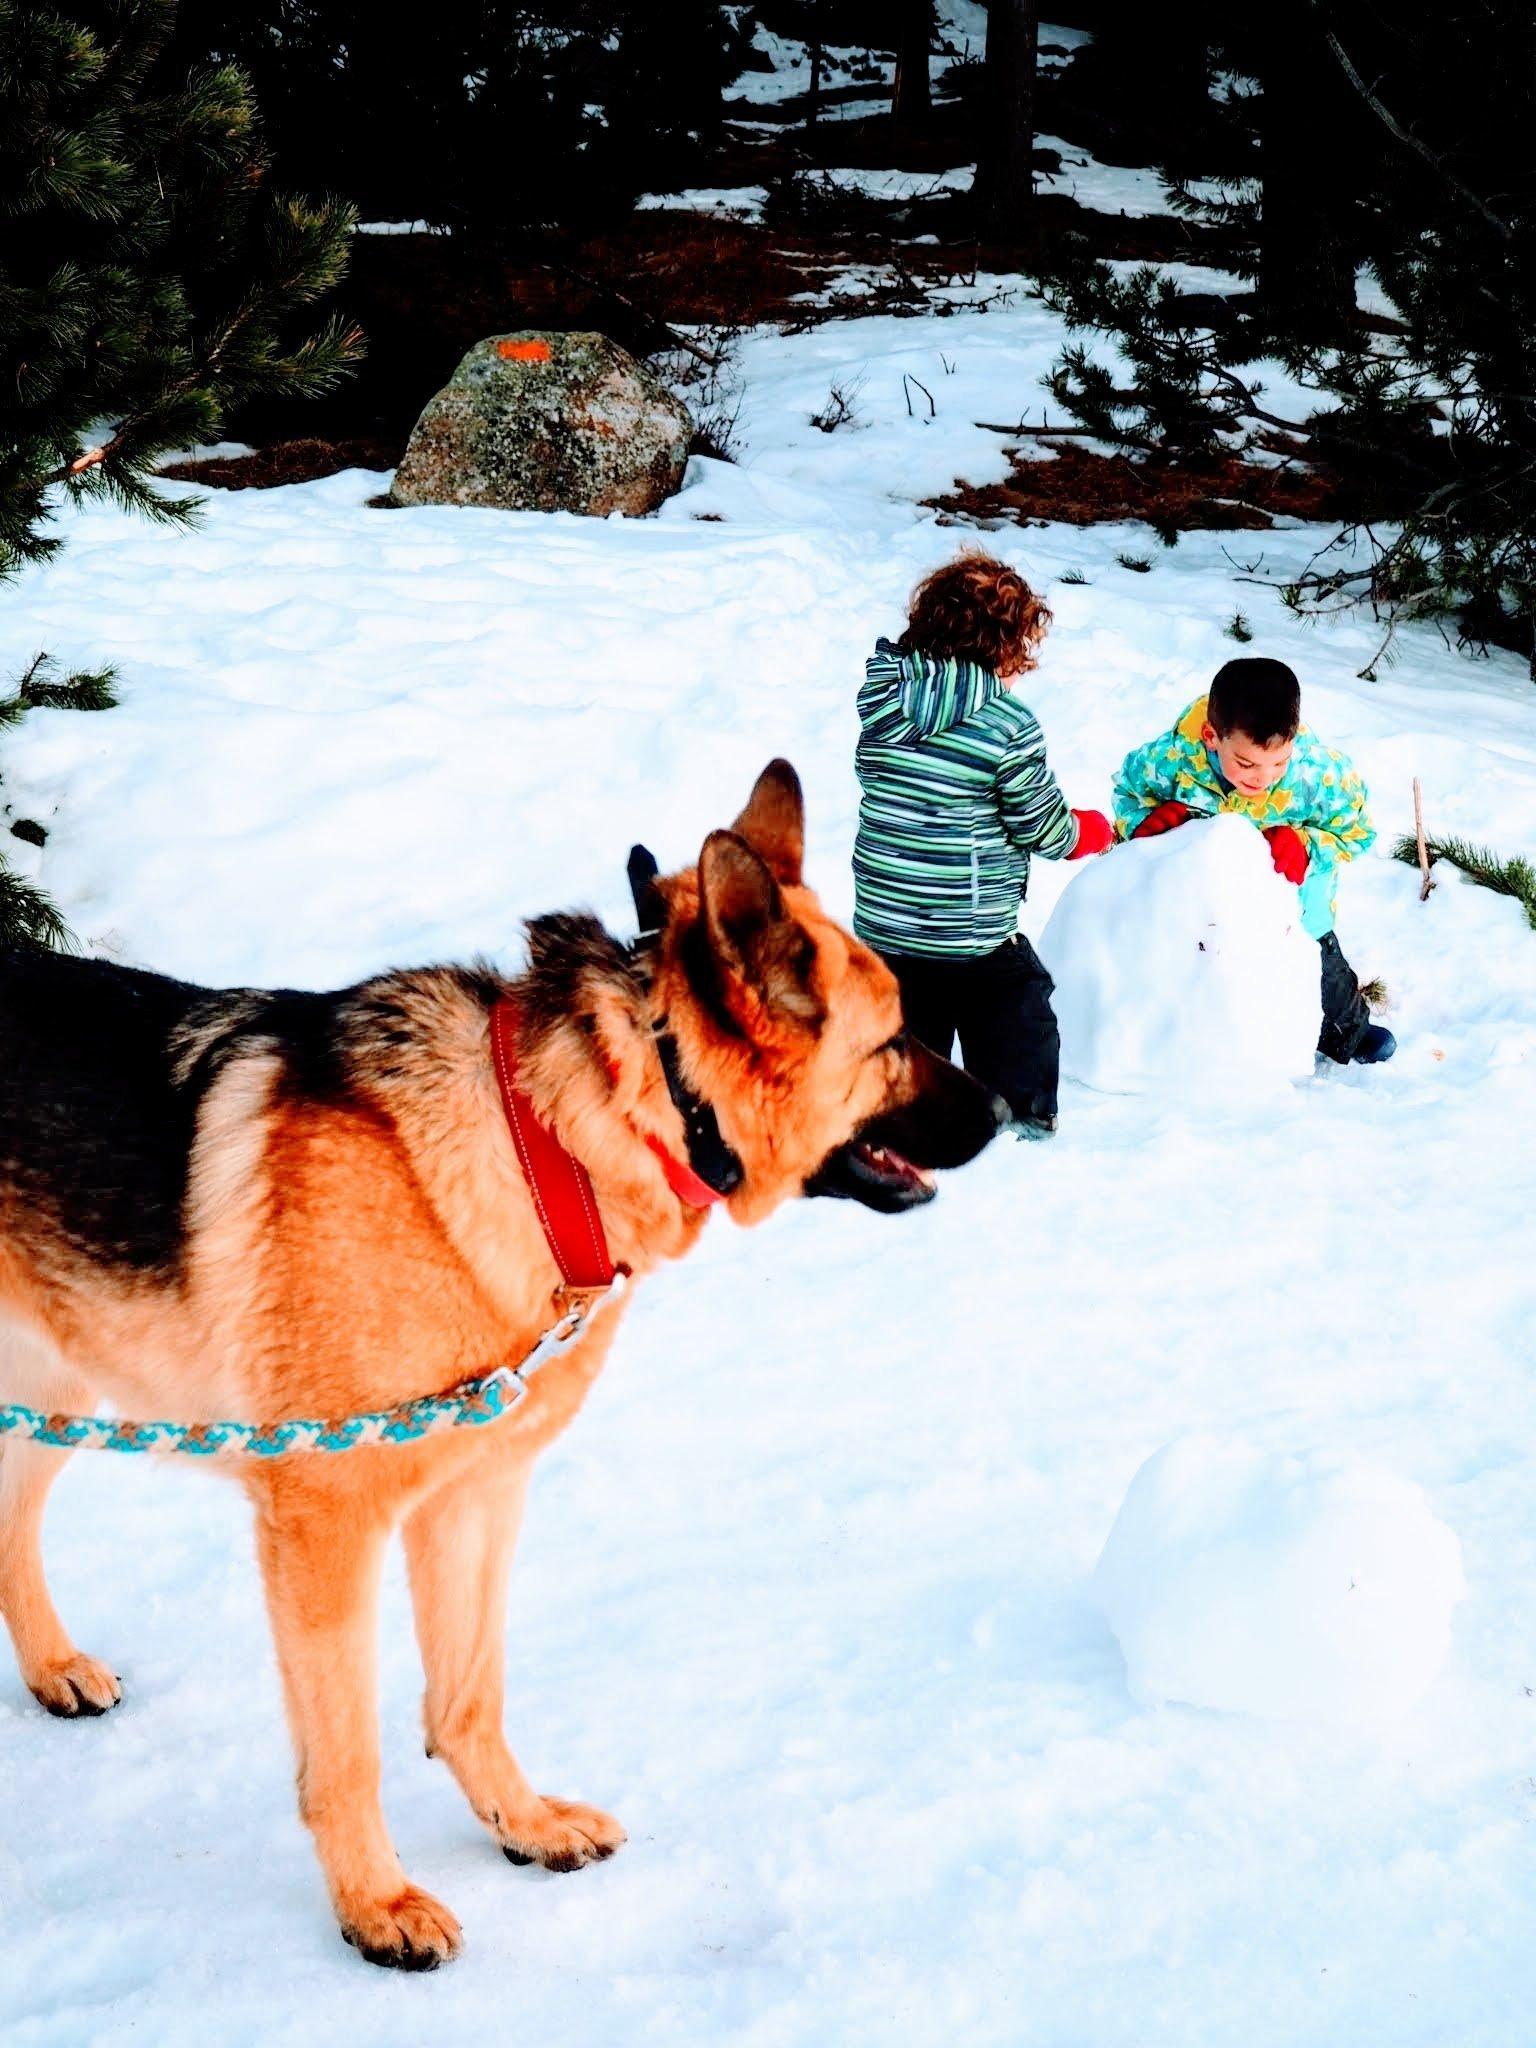 Font-Romeu, escapada de nieve 10 para familias